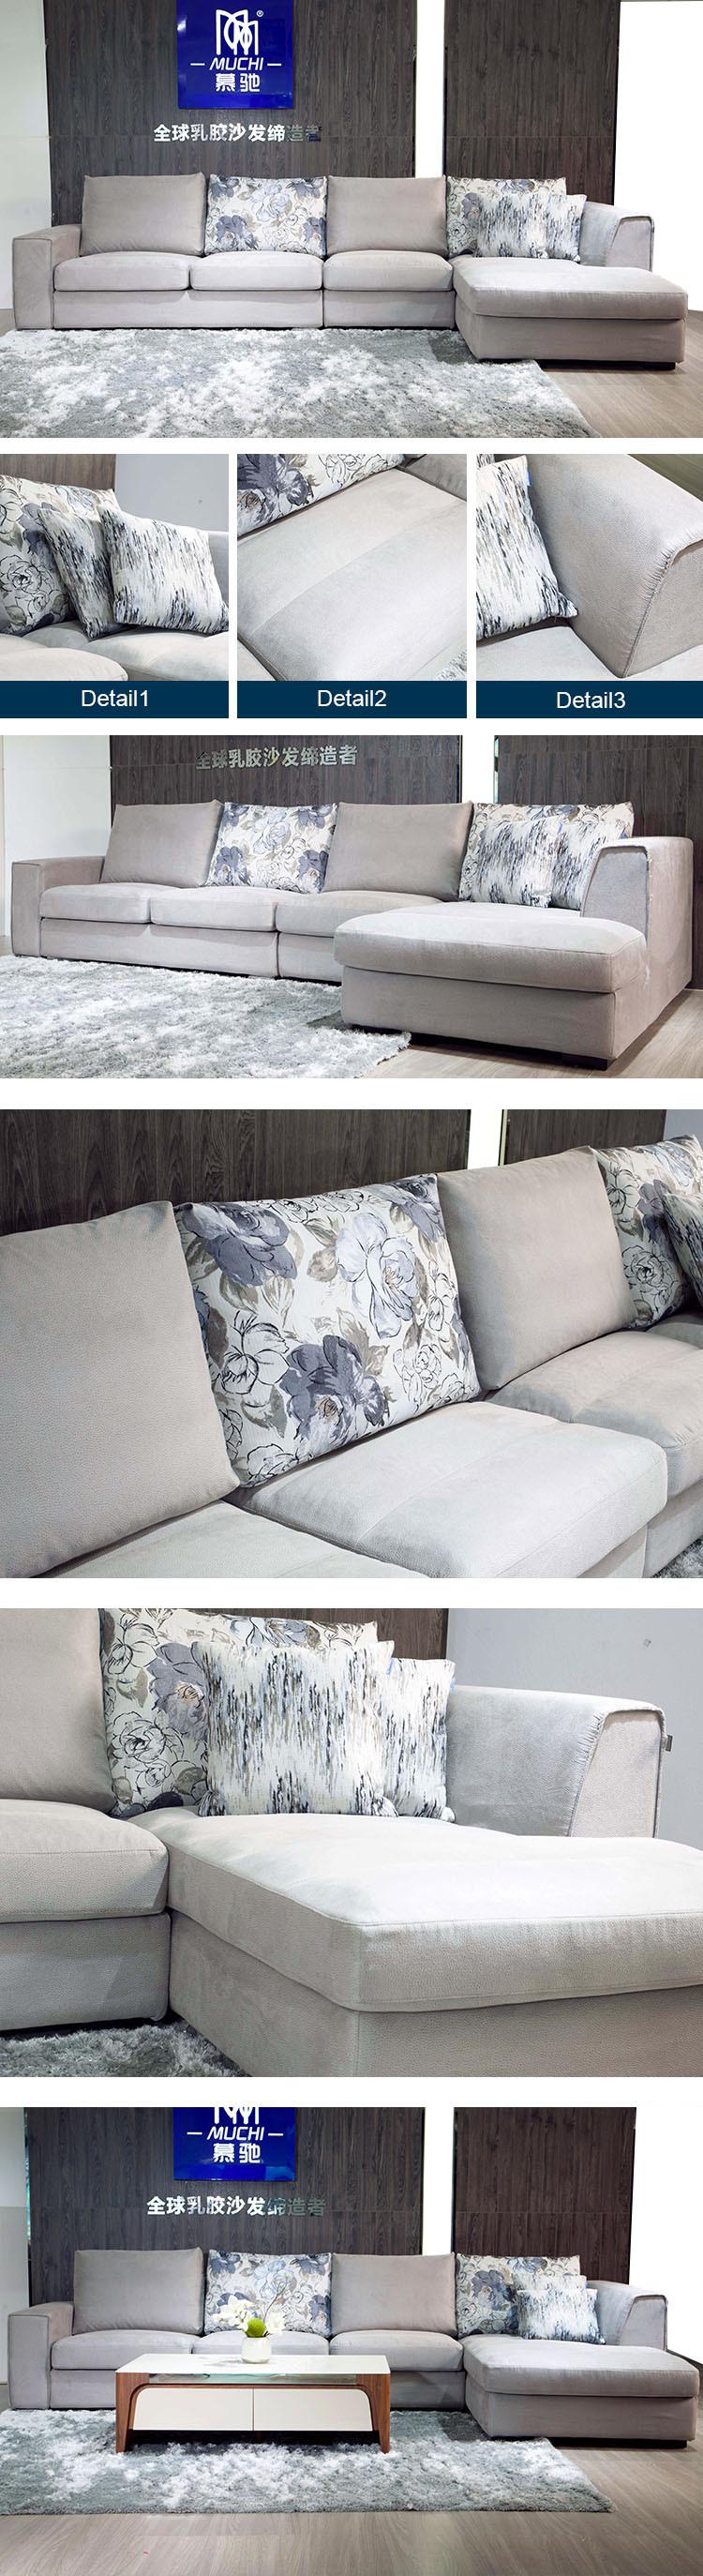 Neue Sofa Design 2017 Grosshandel Franzosisch Italienische Mobel Mit